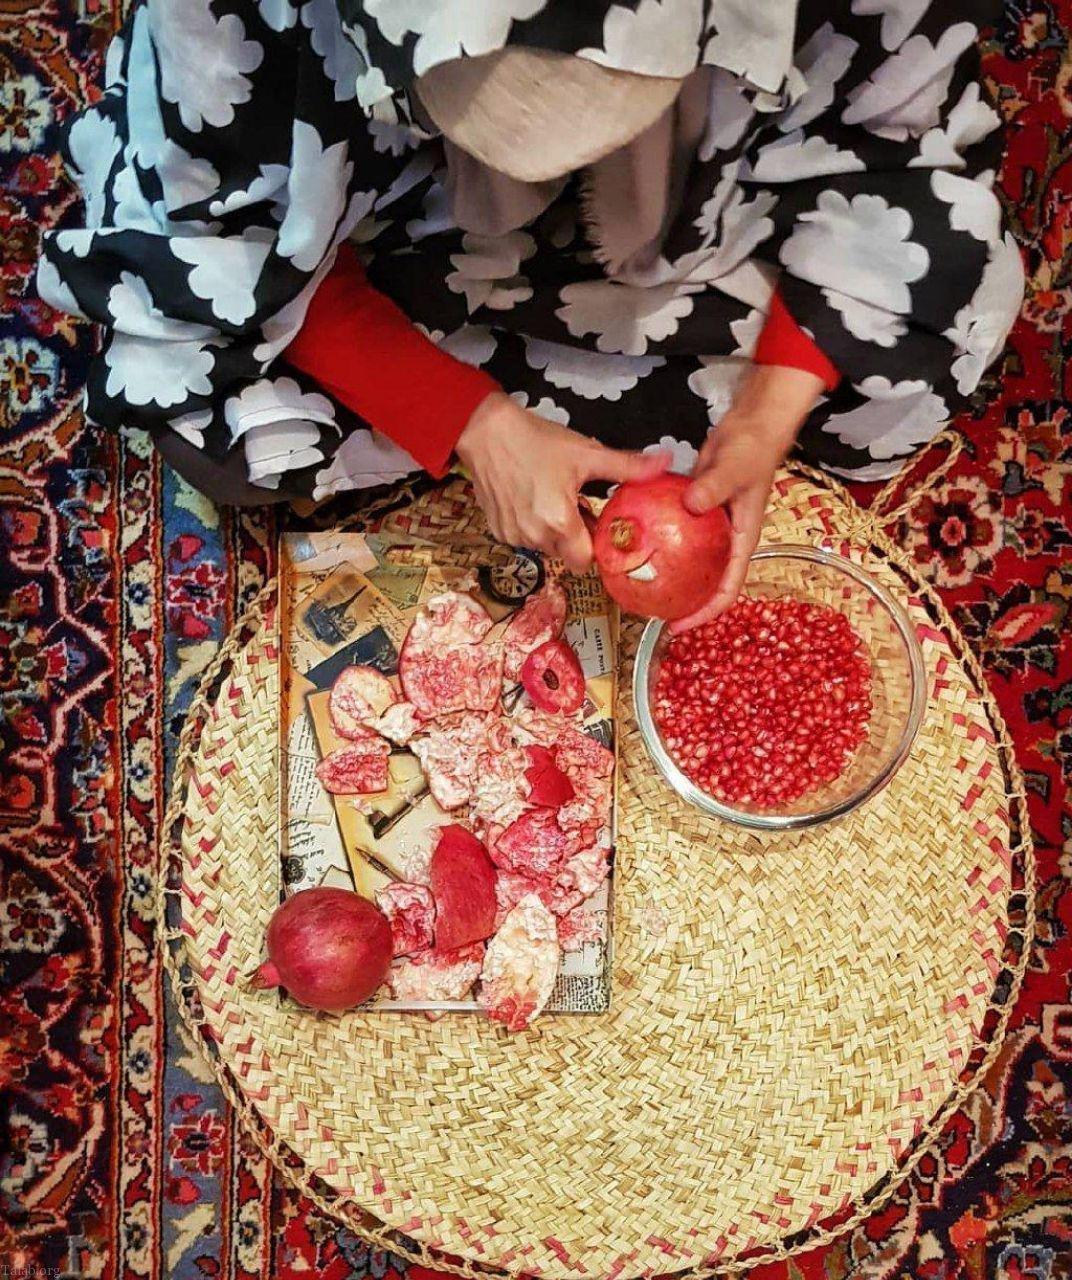 عکس و مطالب جالب و دیدنی مرتبط با شب یلدا (هندونه شب یلدا)